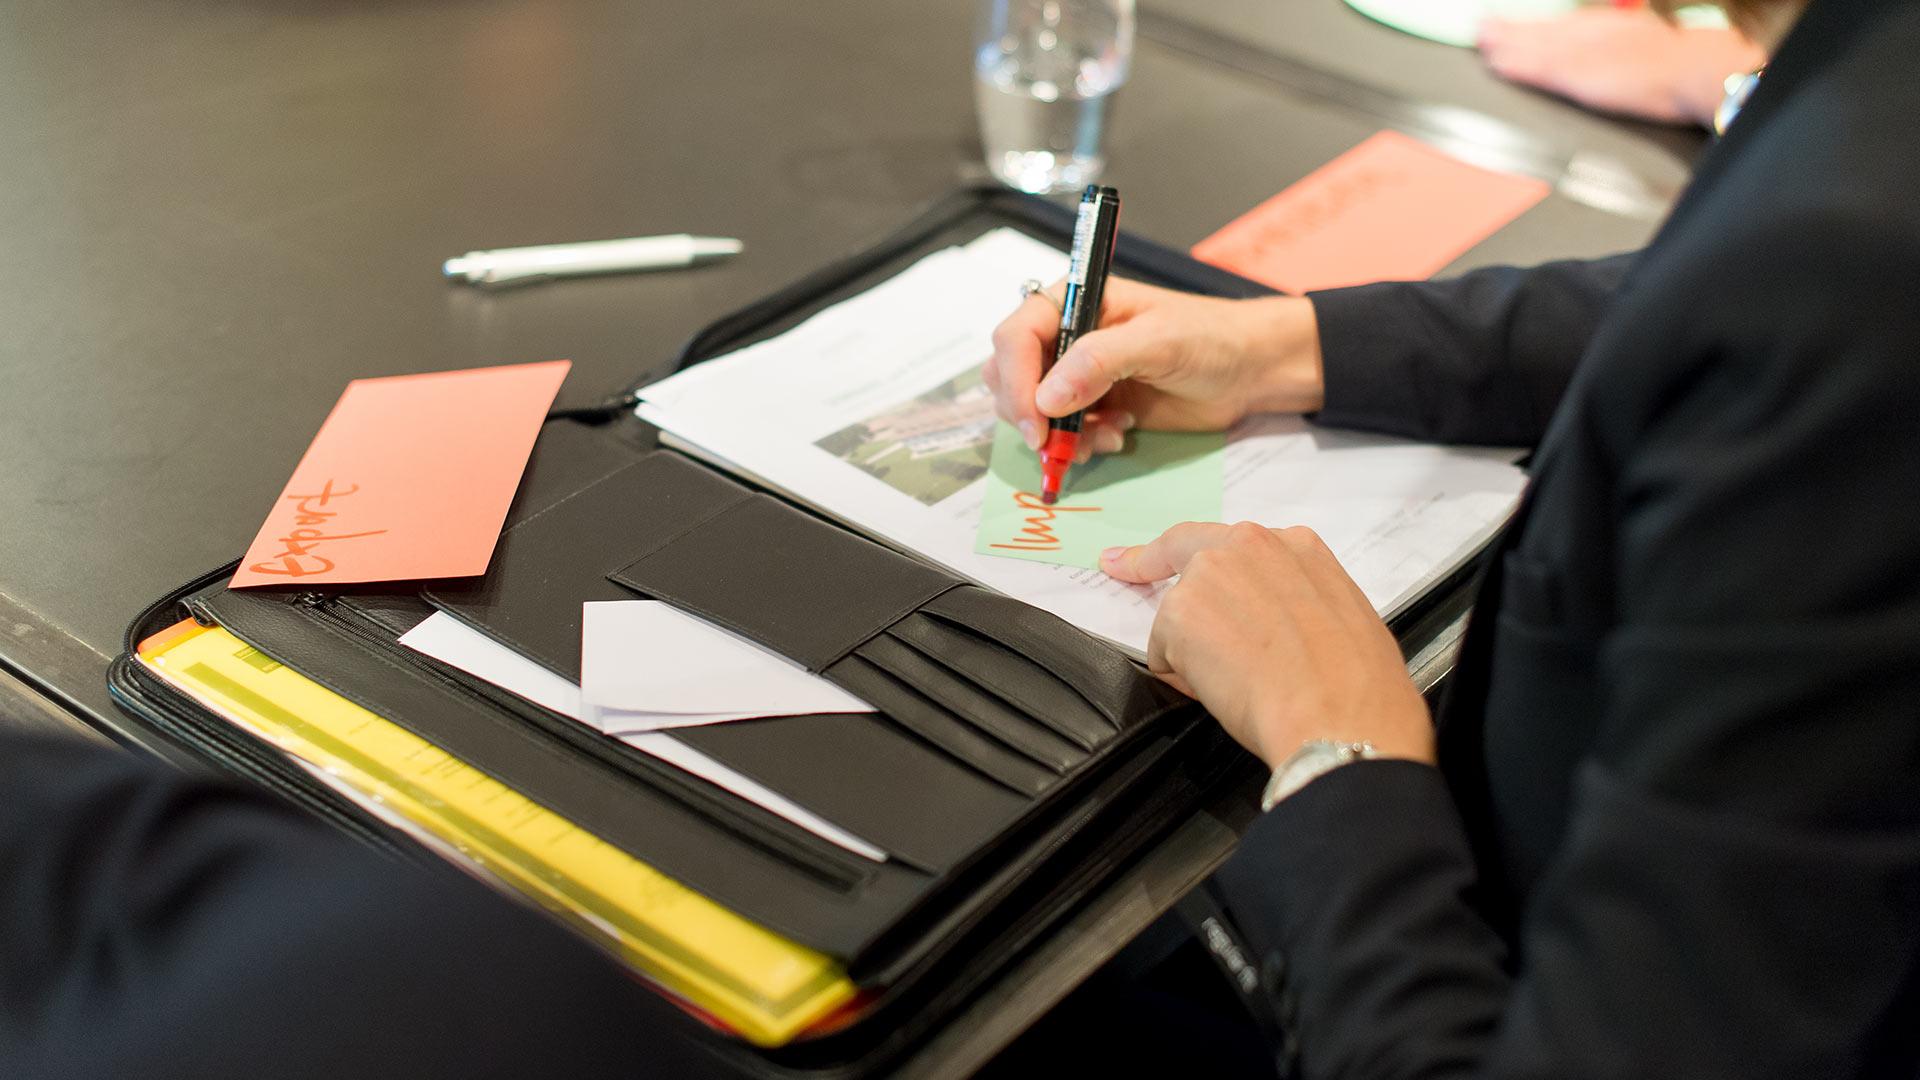 Notiz während eines Seminars